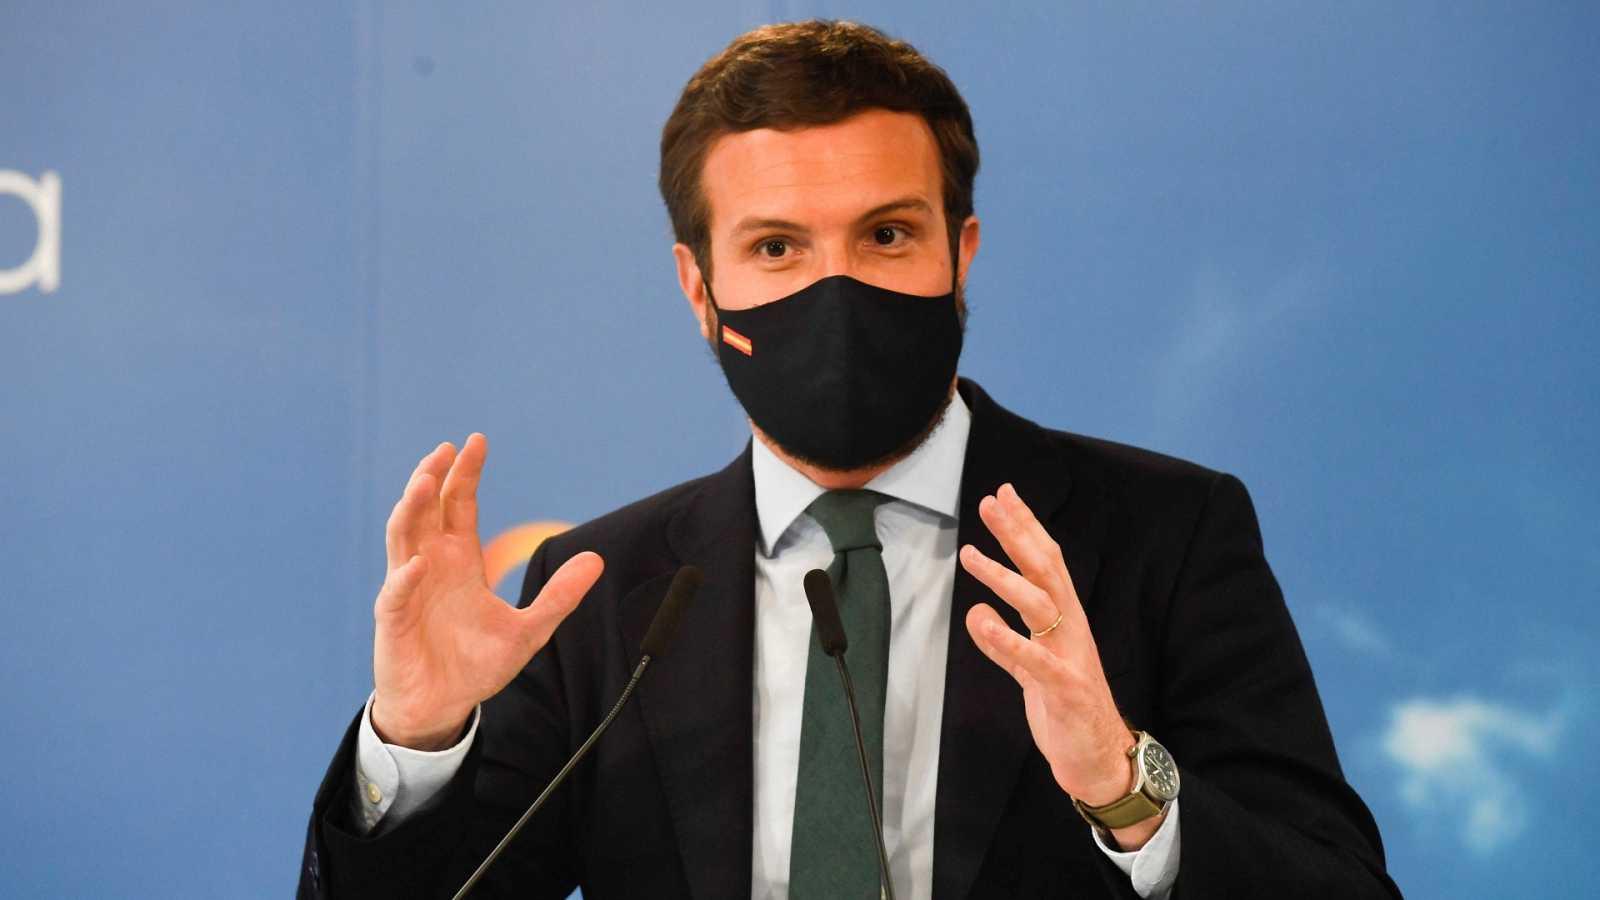 El PP recurrirá la exclusión de Toni Cantó de su candidatura en Madrid y acusa al PSOE de enfangar la campaña